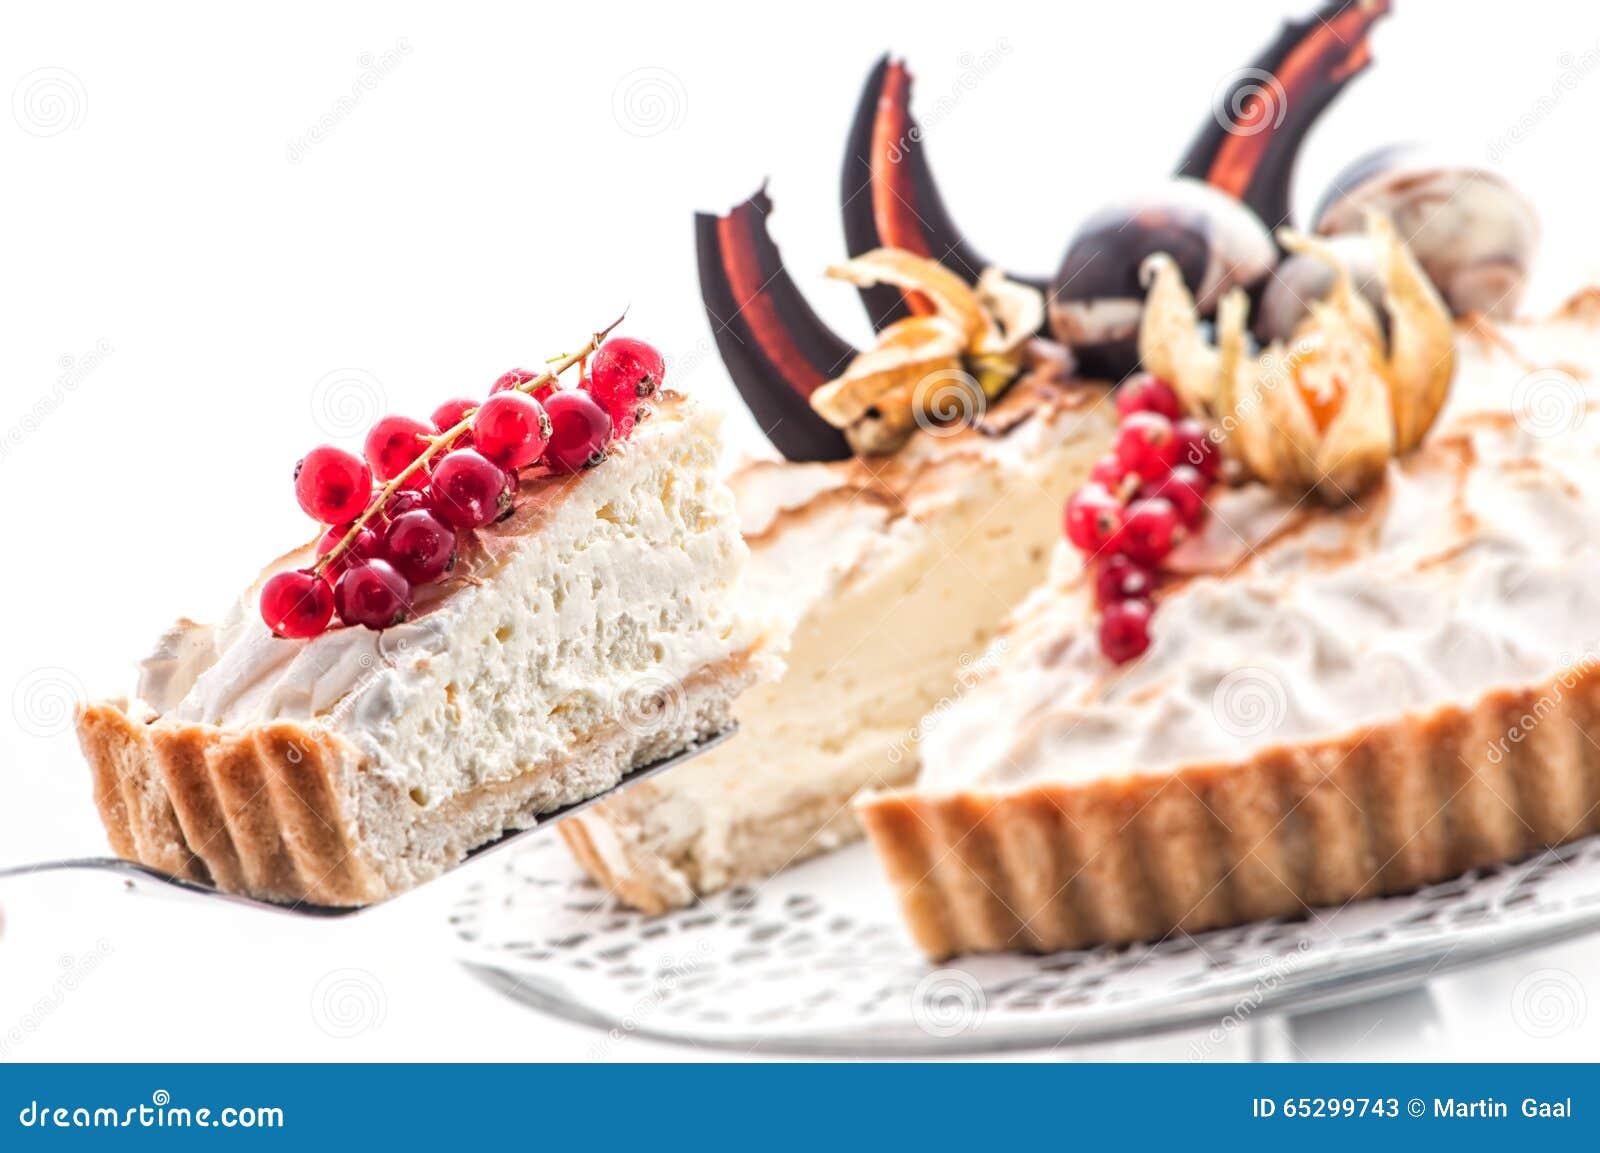 decorazioni pasticceria: 458 best images about torte on pinterest ... - Dolci E Decorazioni Graziano